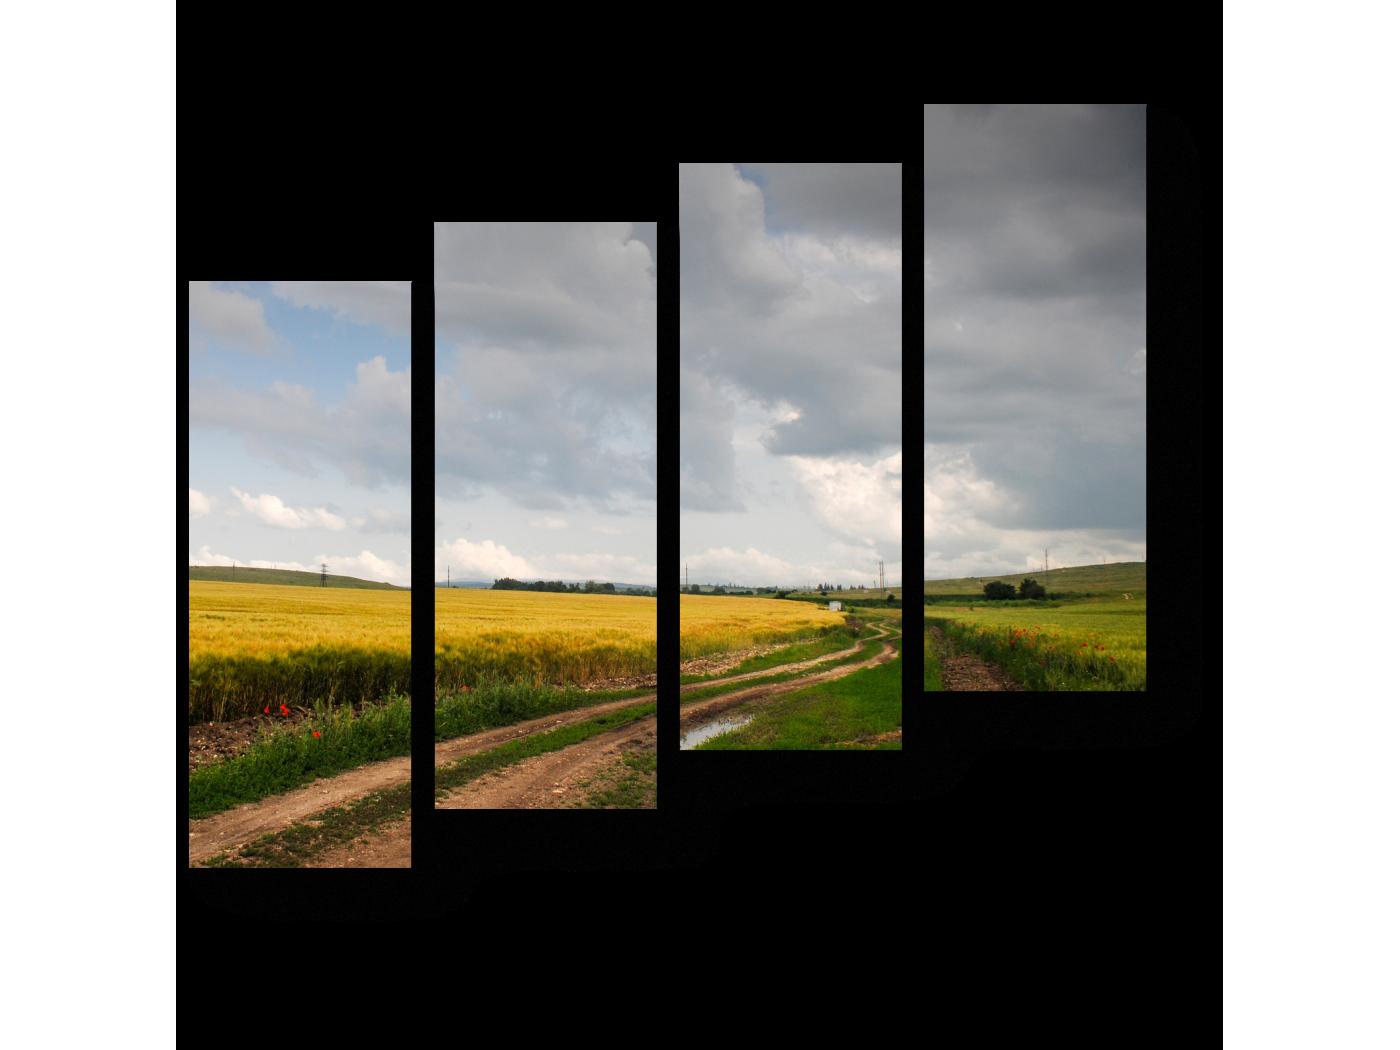 Модульная картина Убегающие вдаль поля (80x69) фото